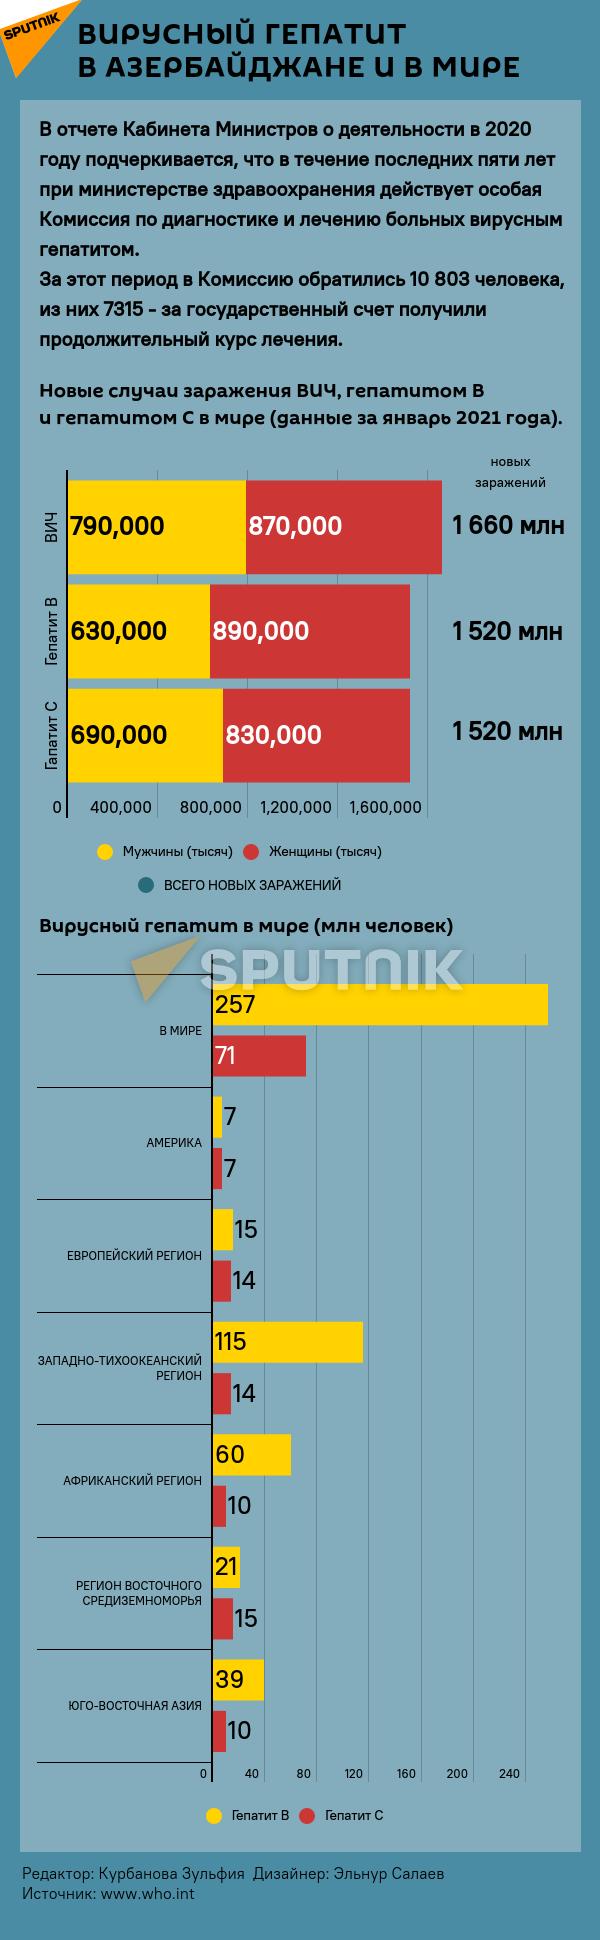 Инфографика: Вирусный гепатит в Азербайджане и в мире - Sputnik Азербайджан, 1920, 27.07.2021